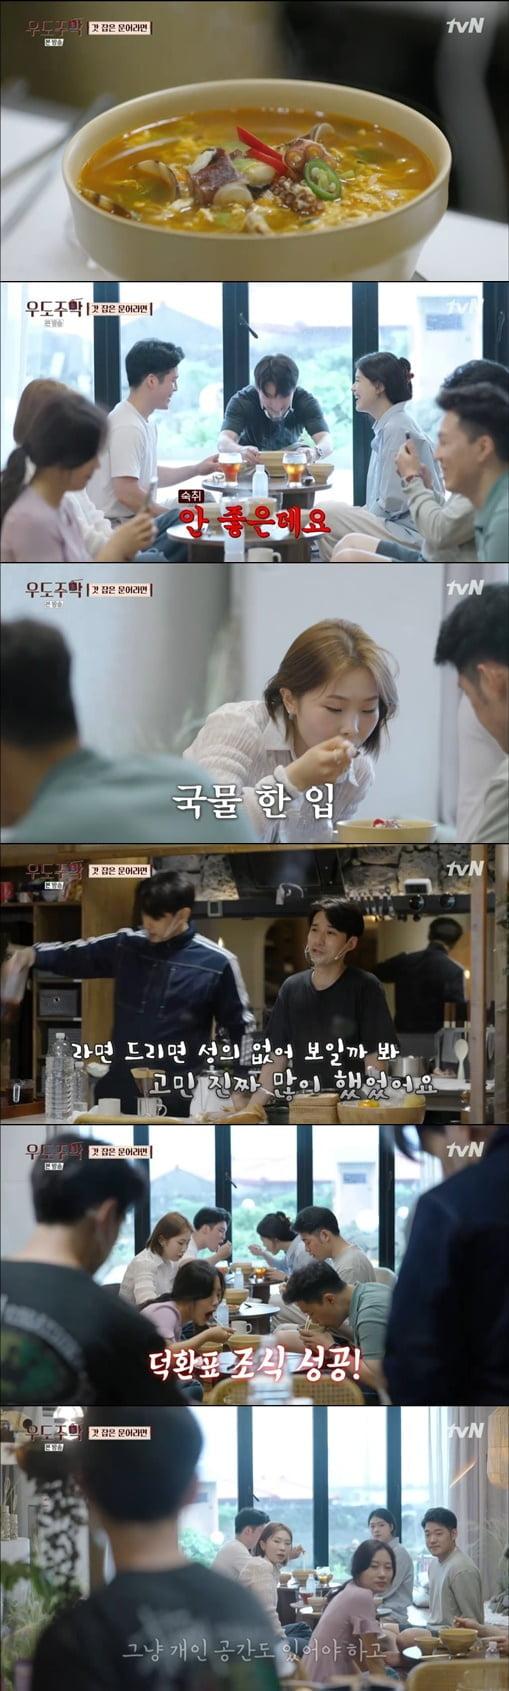 '우도주막' 류덕환, 스페셜 조식으로 '문어라면' ->숙취 신혼부부에 반응 '굿'